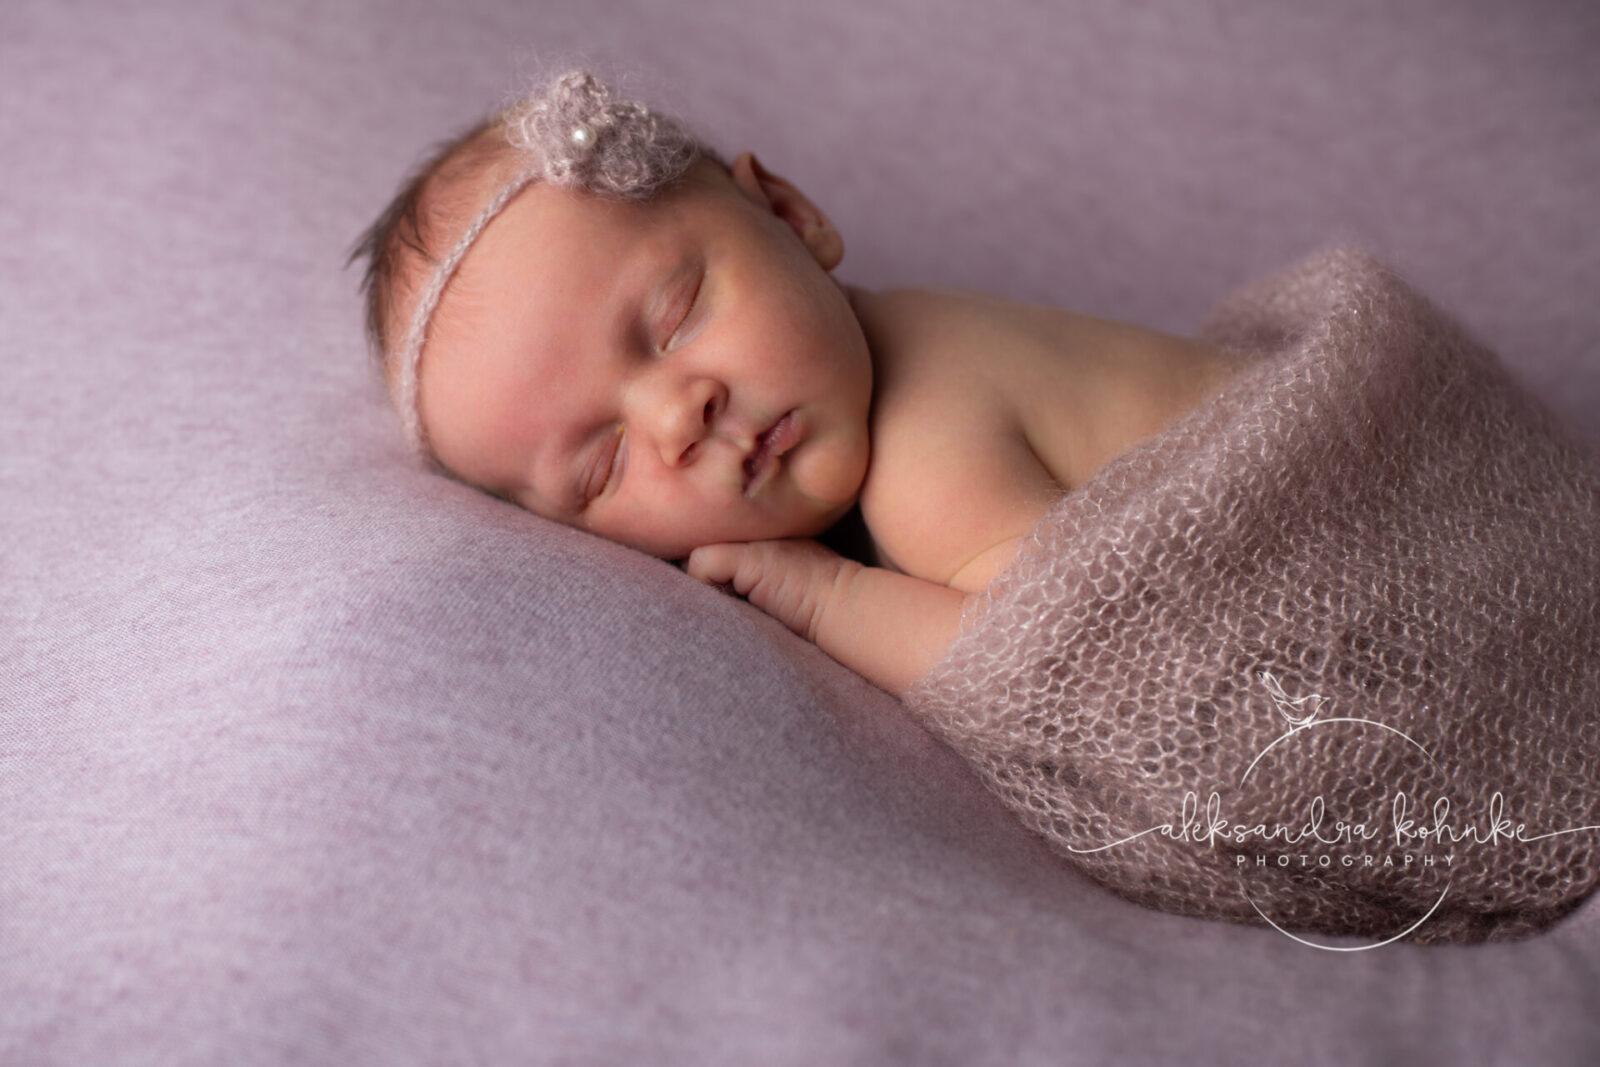 Fotografin Rapperswil und Jona;Newborn Fotos, Fotograf Rapperswil-Jona,Fotograf, Neugeborenen Fotos